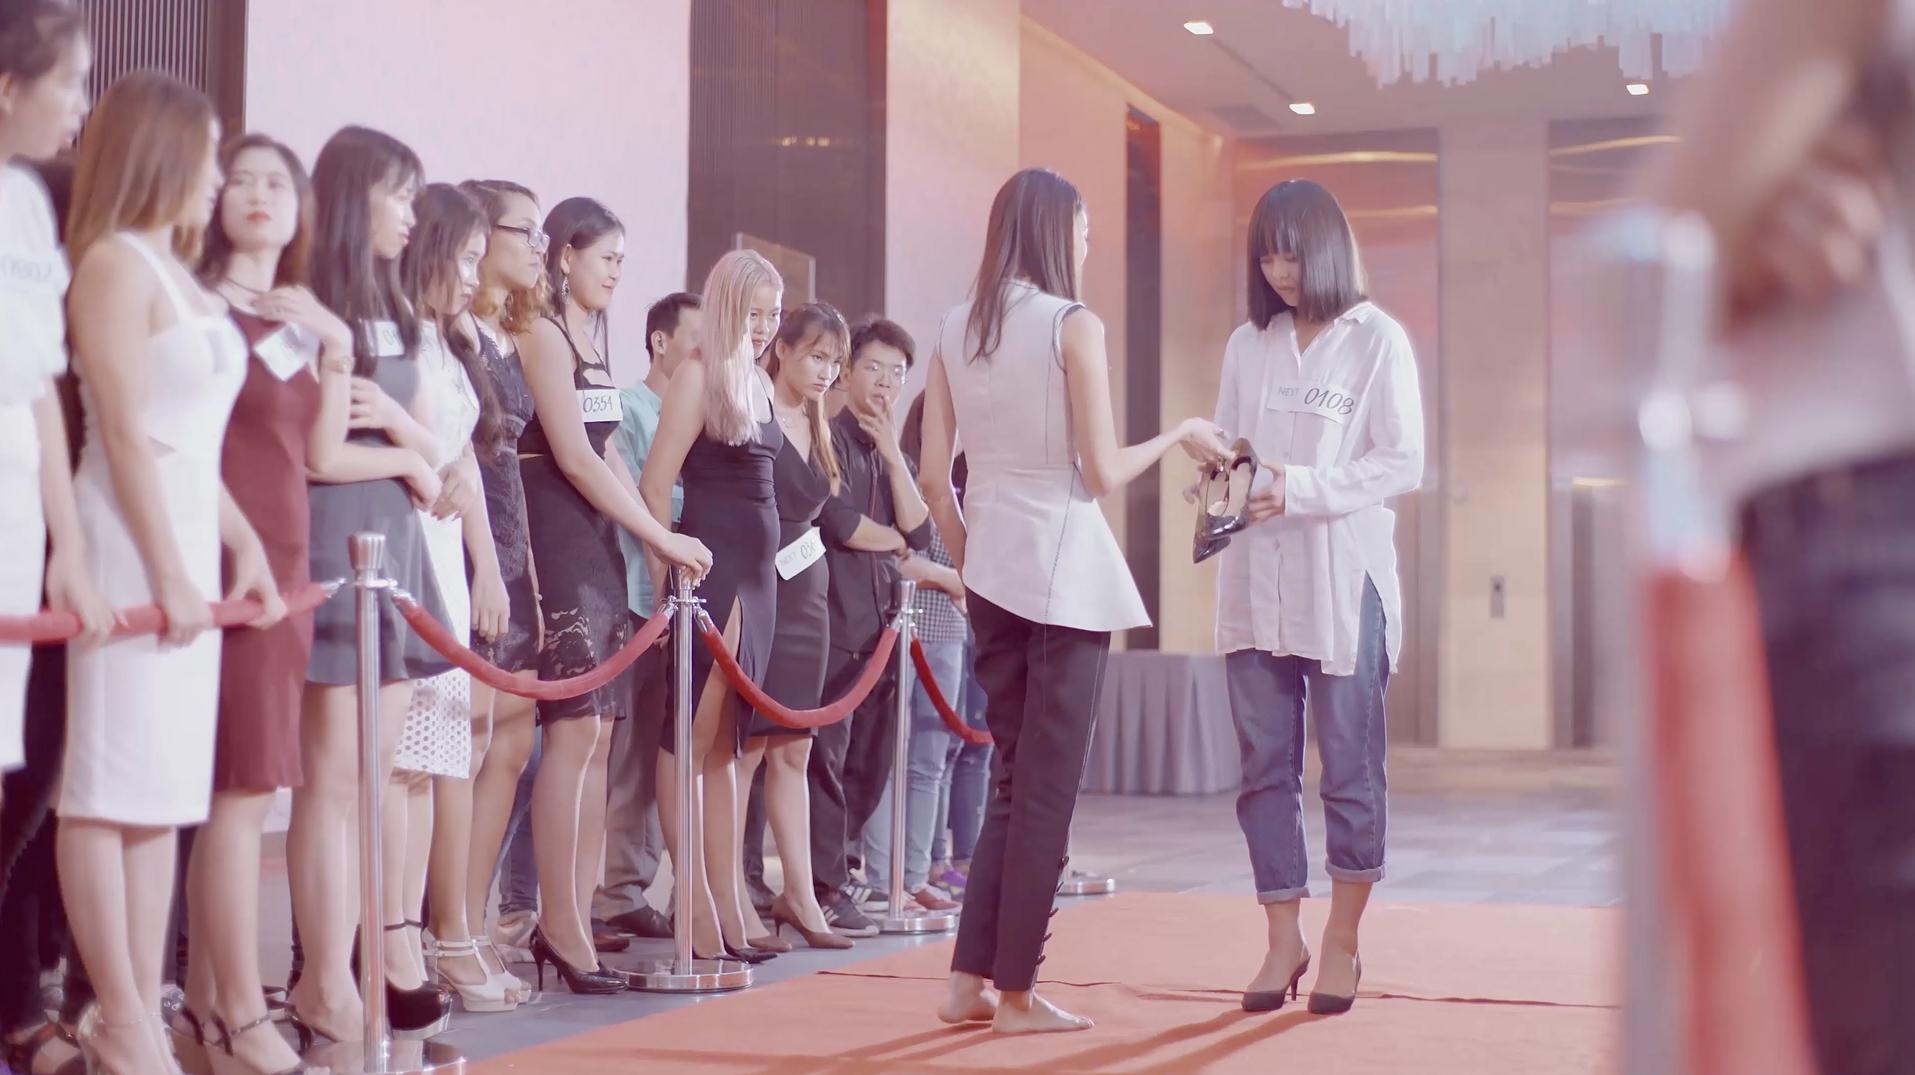 Lan Khuê khiến nhiều khán giả thích thú với phân cảnh cô đi chân trần, tháo giày cho Mai Ngô đi thi, nhằm chinh phục ước mơ người mẫu trong MV Thanh Duy. - Tin sao Viet - Tin tuc sao Viet - Scandal sao Viet - Tin tuc cua Sao - Tin cua Sao